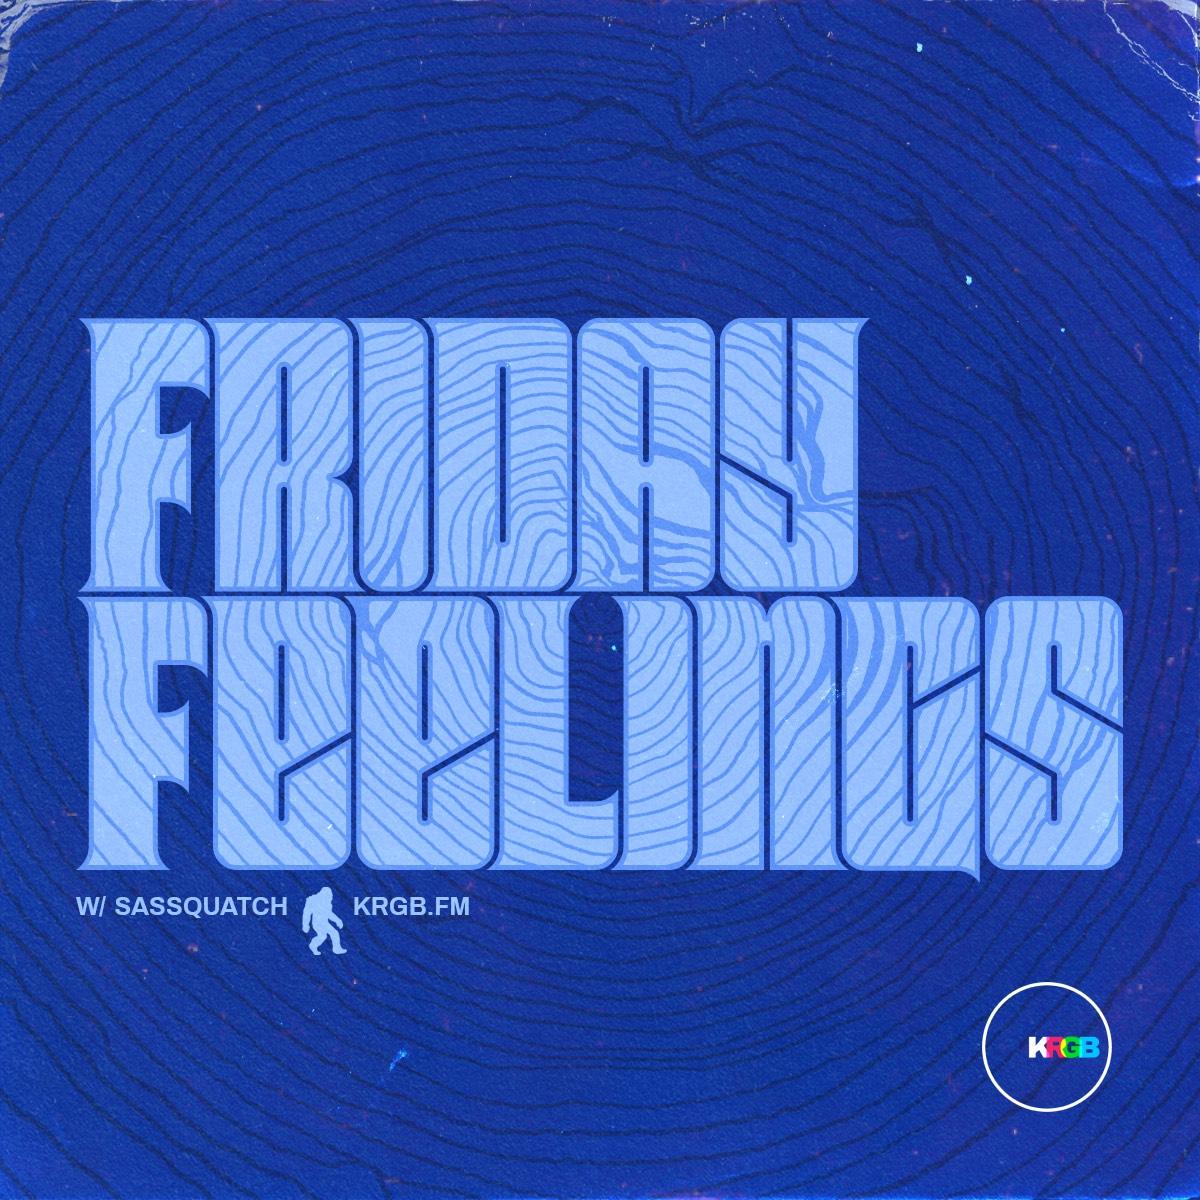 Show art for Friday Feelings